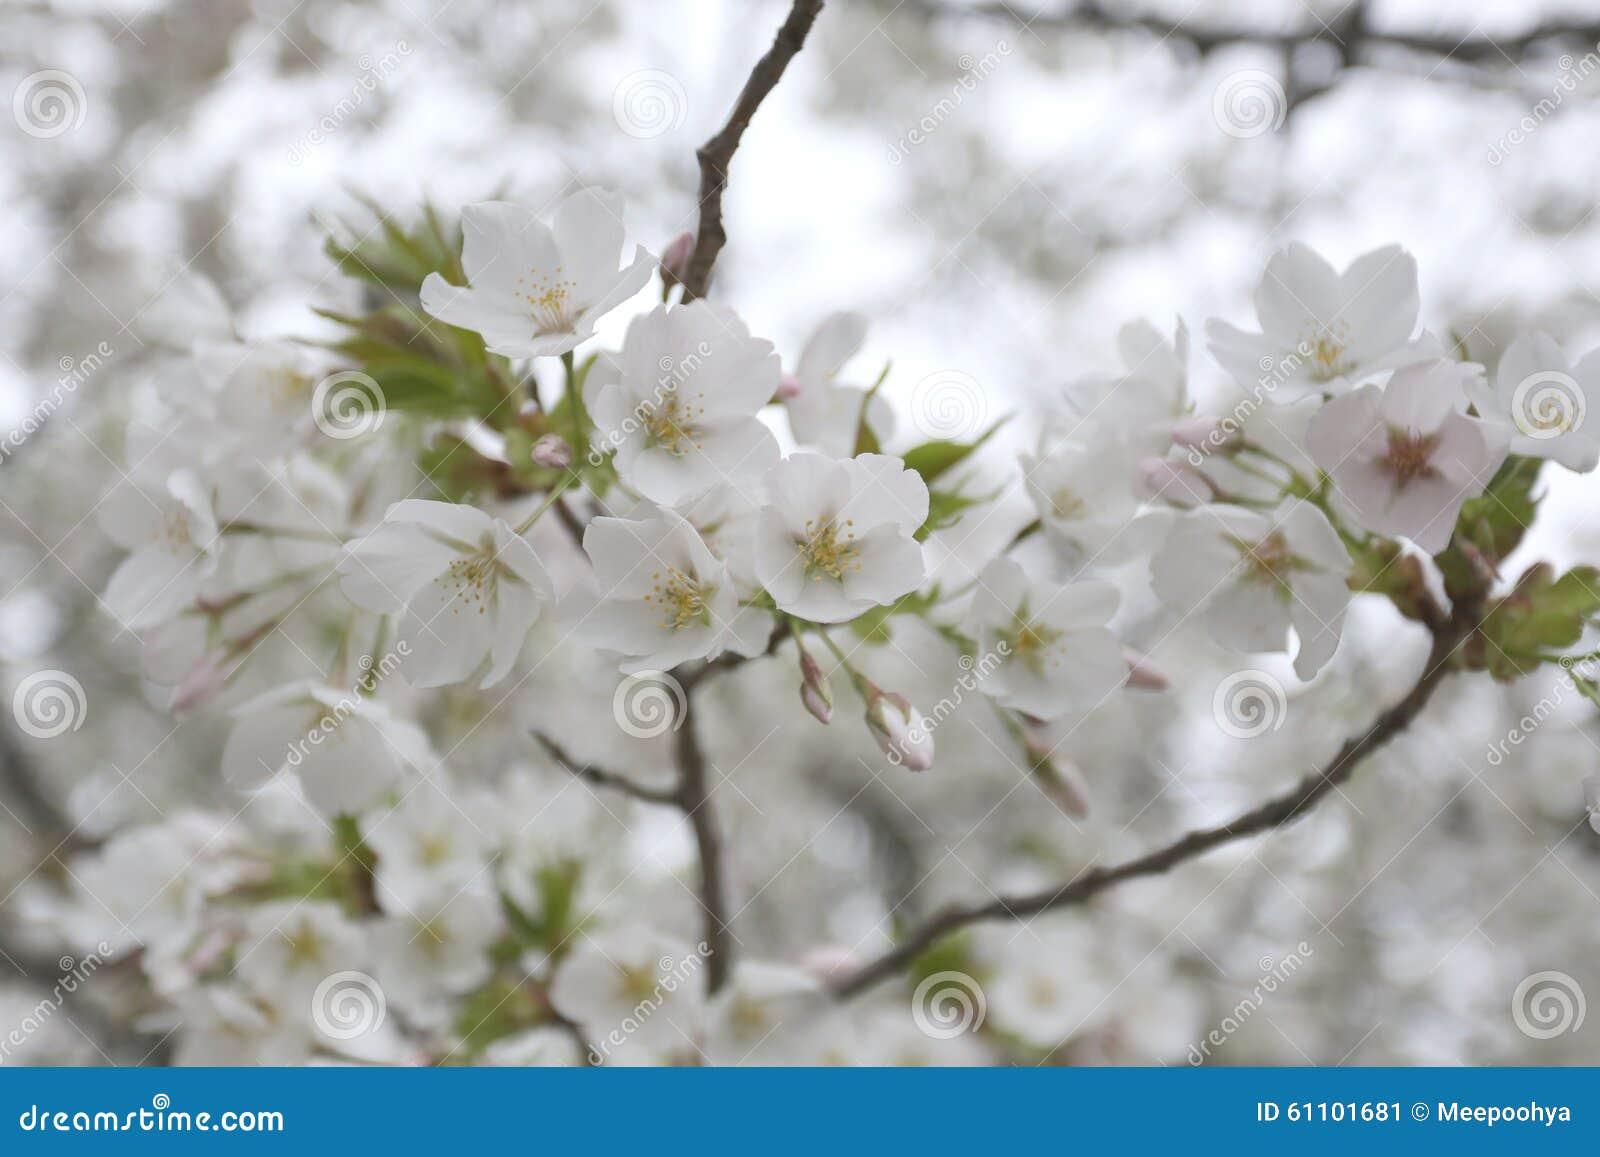 Fleur De Cerisier Blanche Id E D Image De Fleur